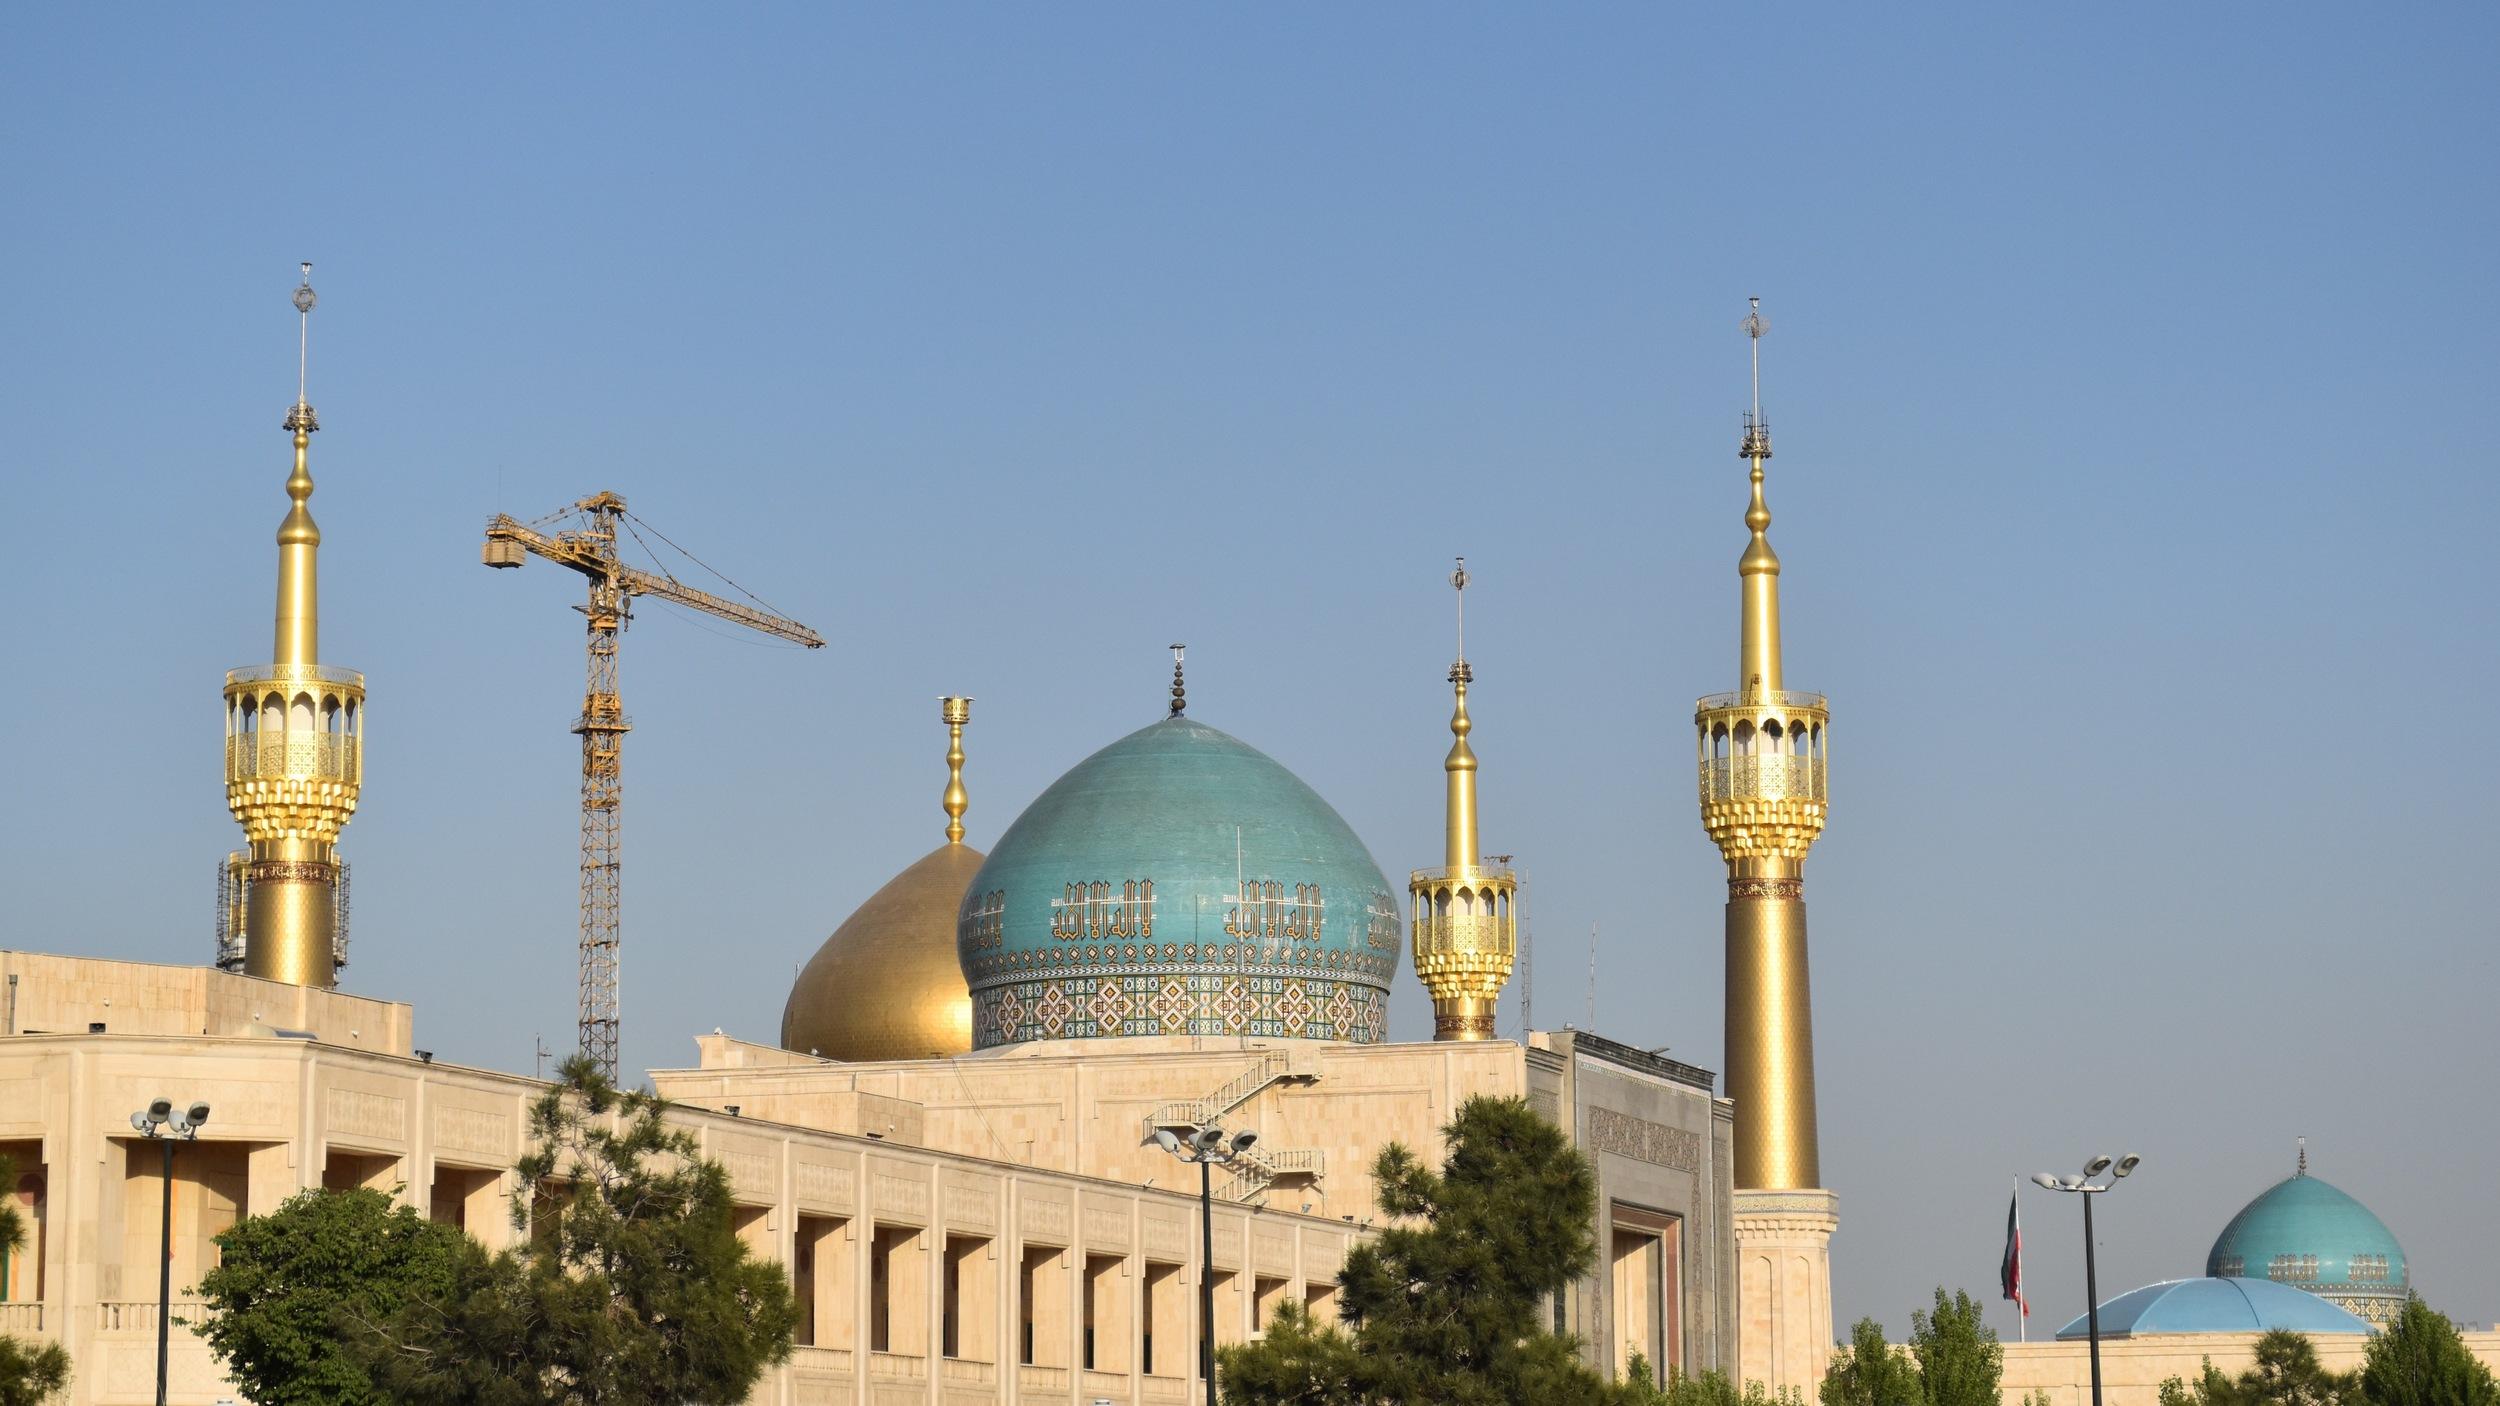 Iran-Qom-Mausoleum-Ayatollah-Khomeini.jpg